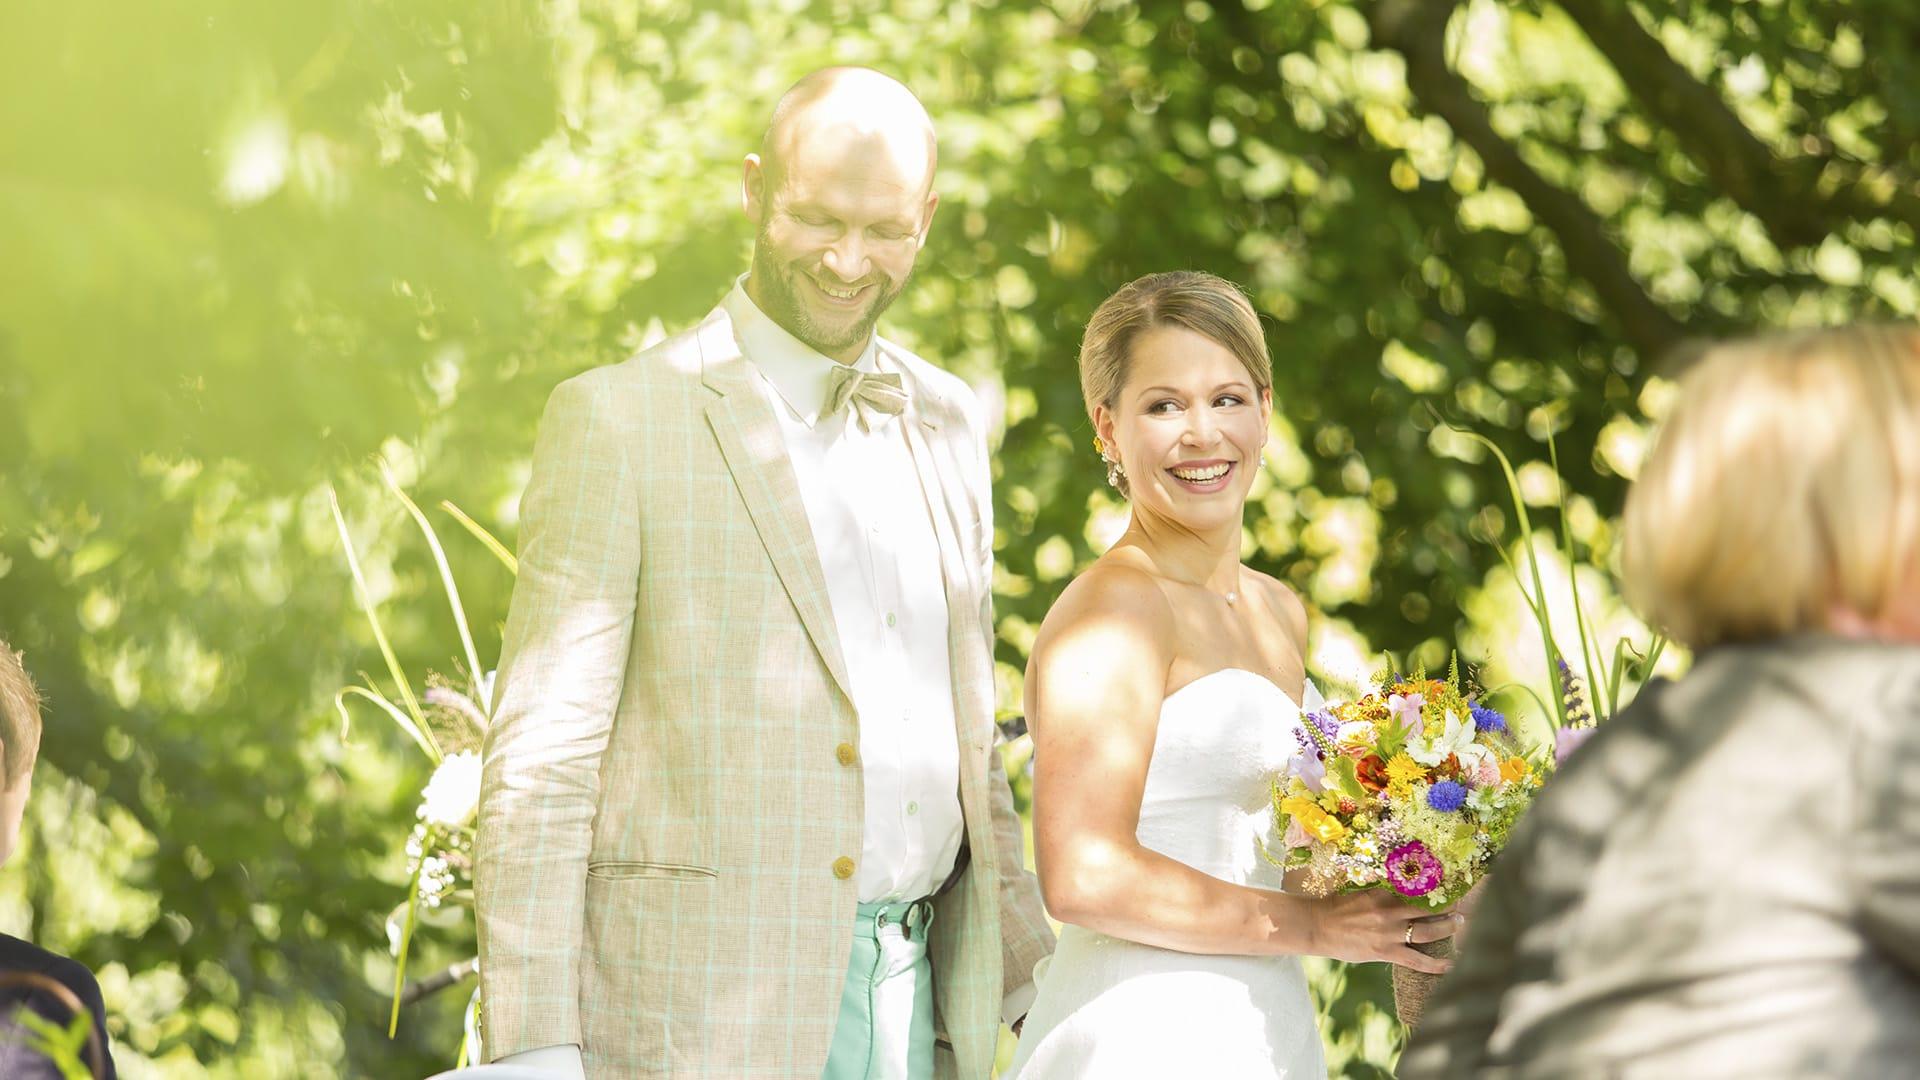 Der Hochzeitsfotograf reist durch Schleswig-Holstein